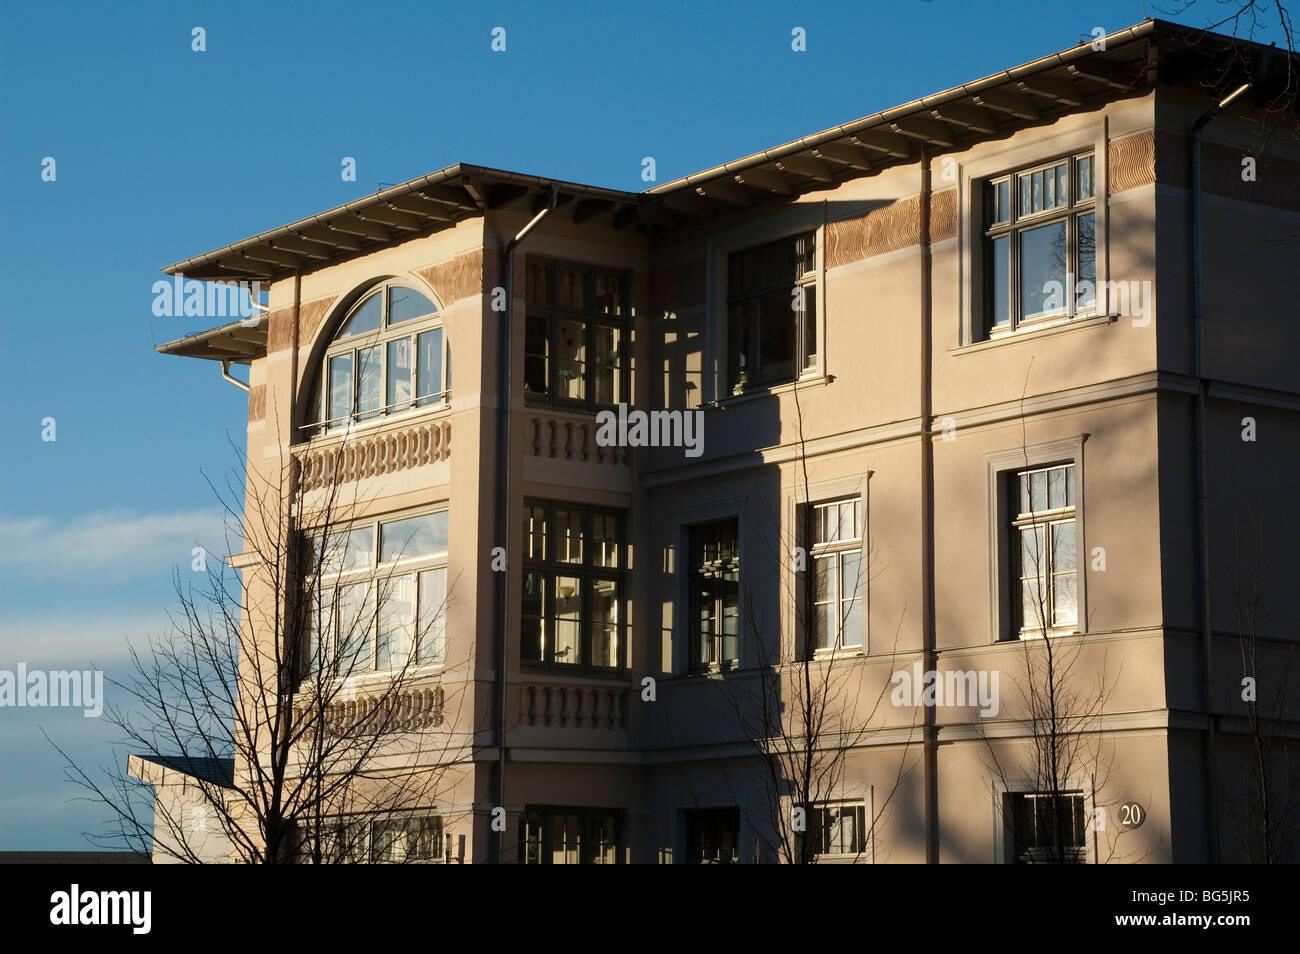 Villa San Marino, Bäderarchitektur, Heringsdorf, Insel Usedom, Mecklenburg-Vorpommern, Deutschland | villa, - Stock Image